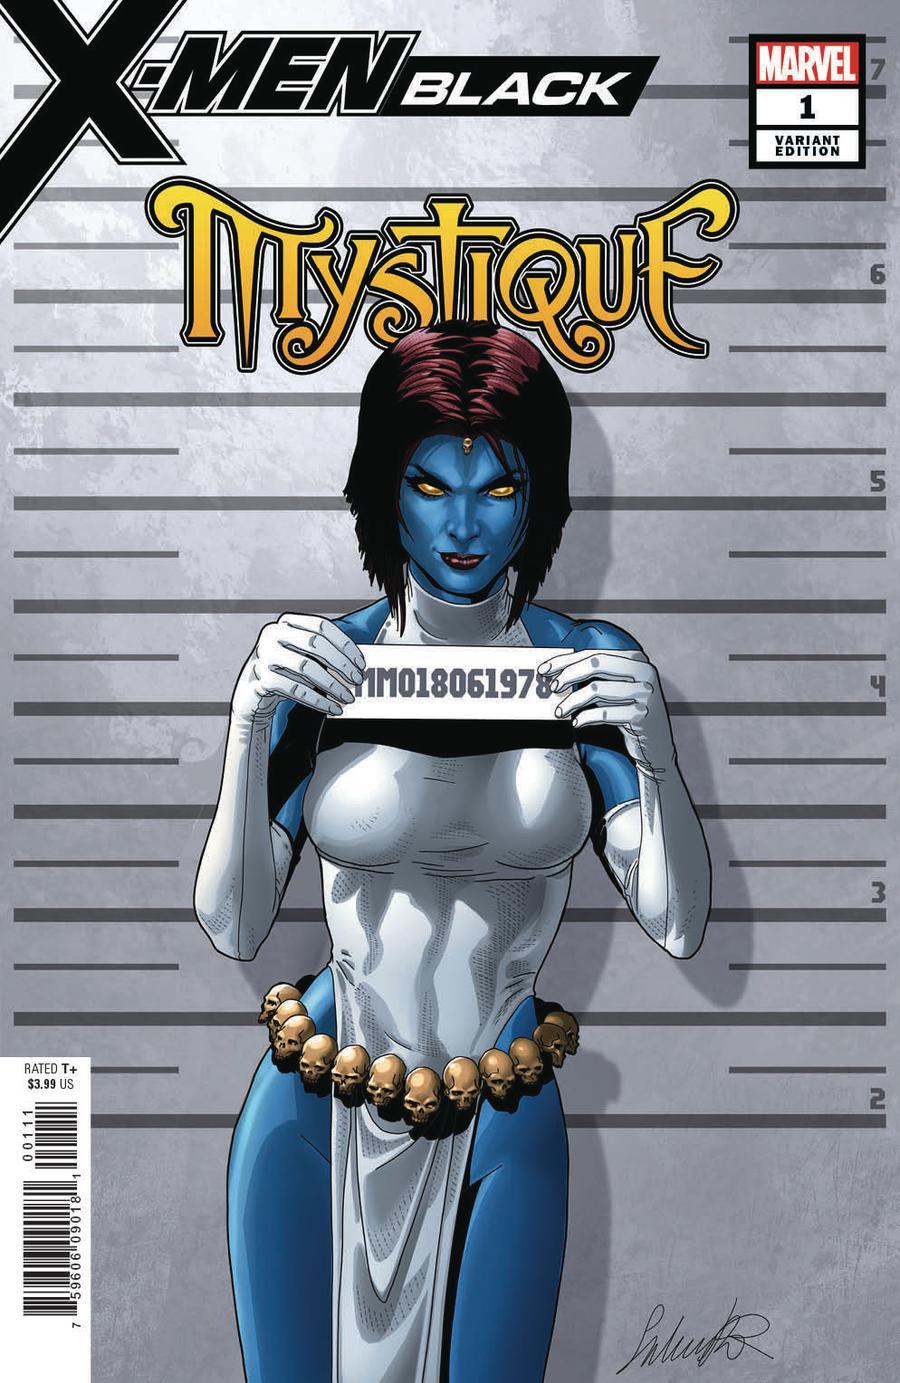 X-Men Black Mystique #1 Cover B Variant Salvador Larroca Mugshot Cover